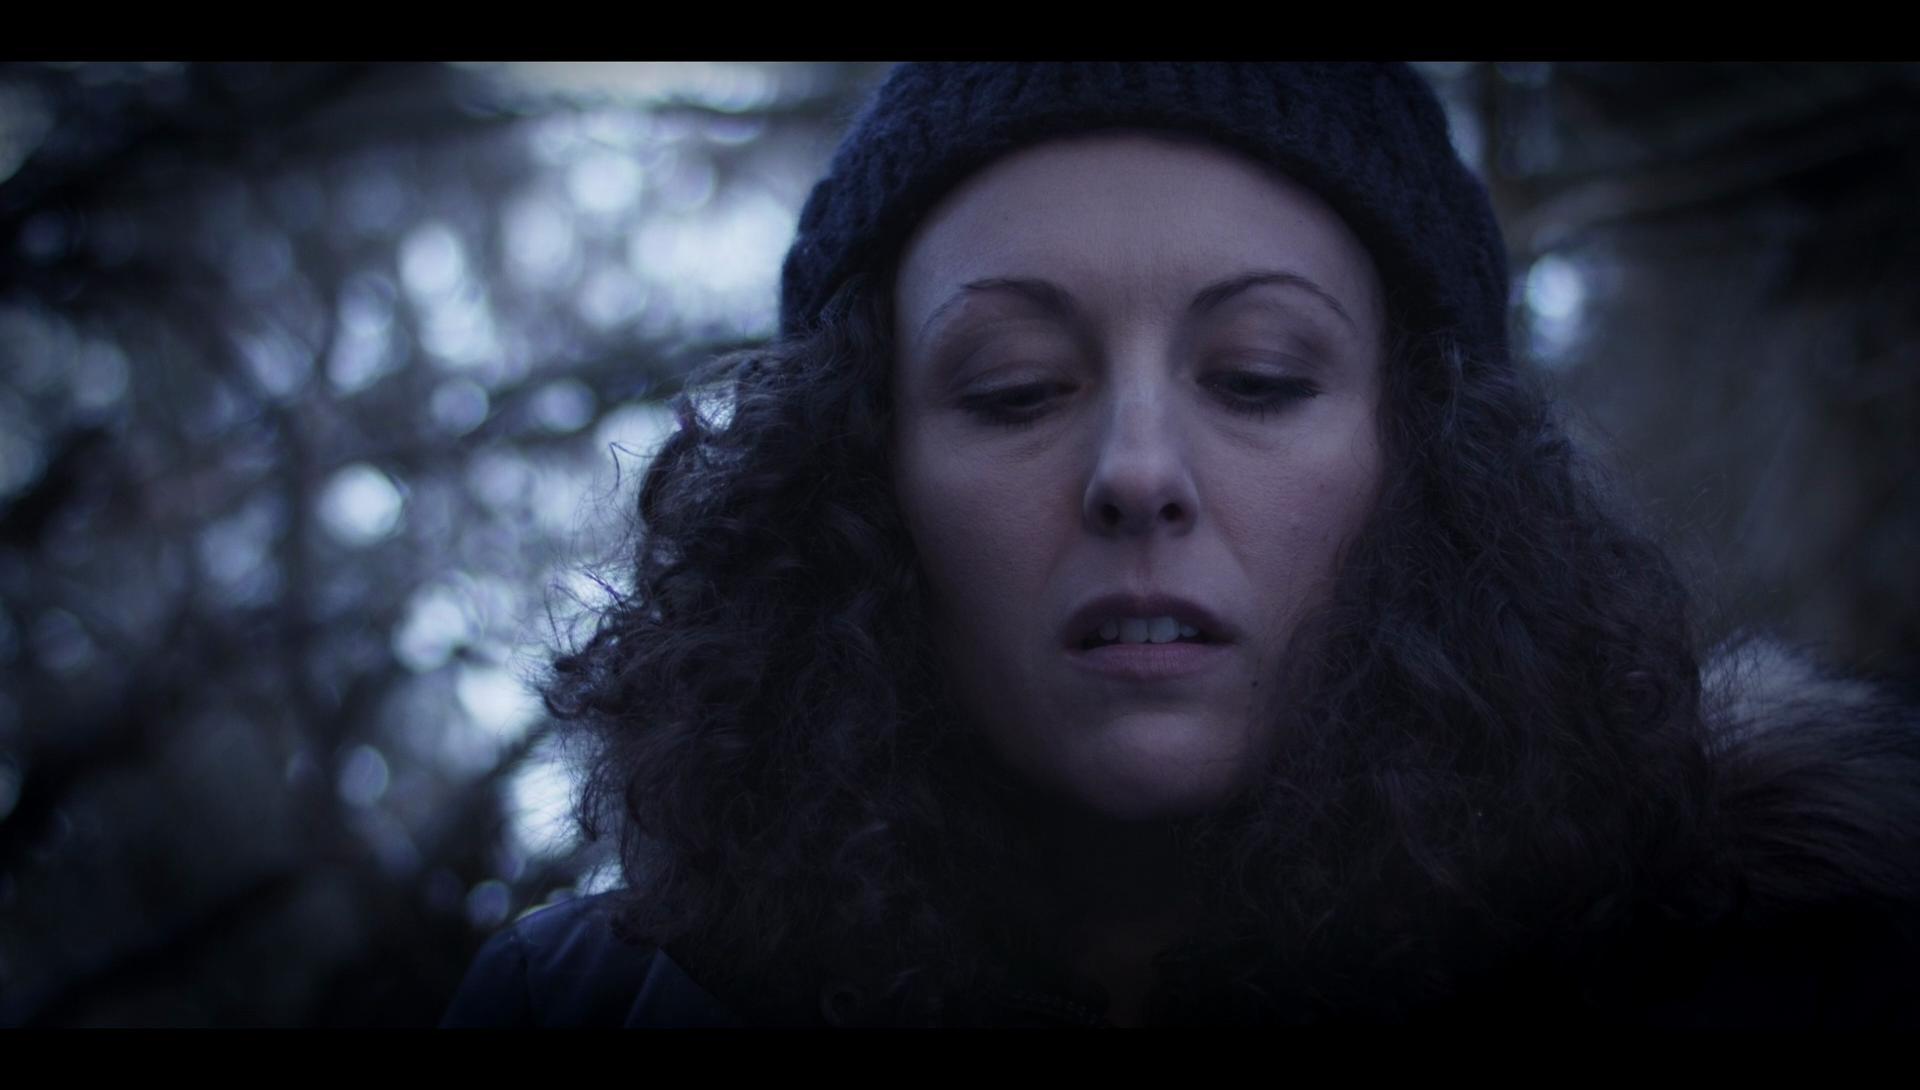 Vivien Reid in The Box (2018)